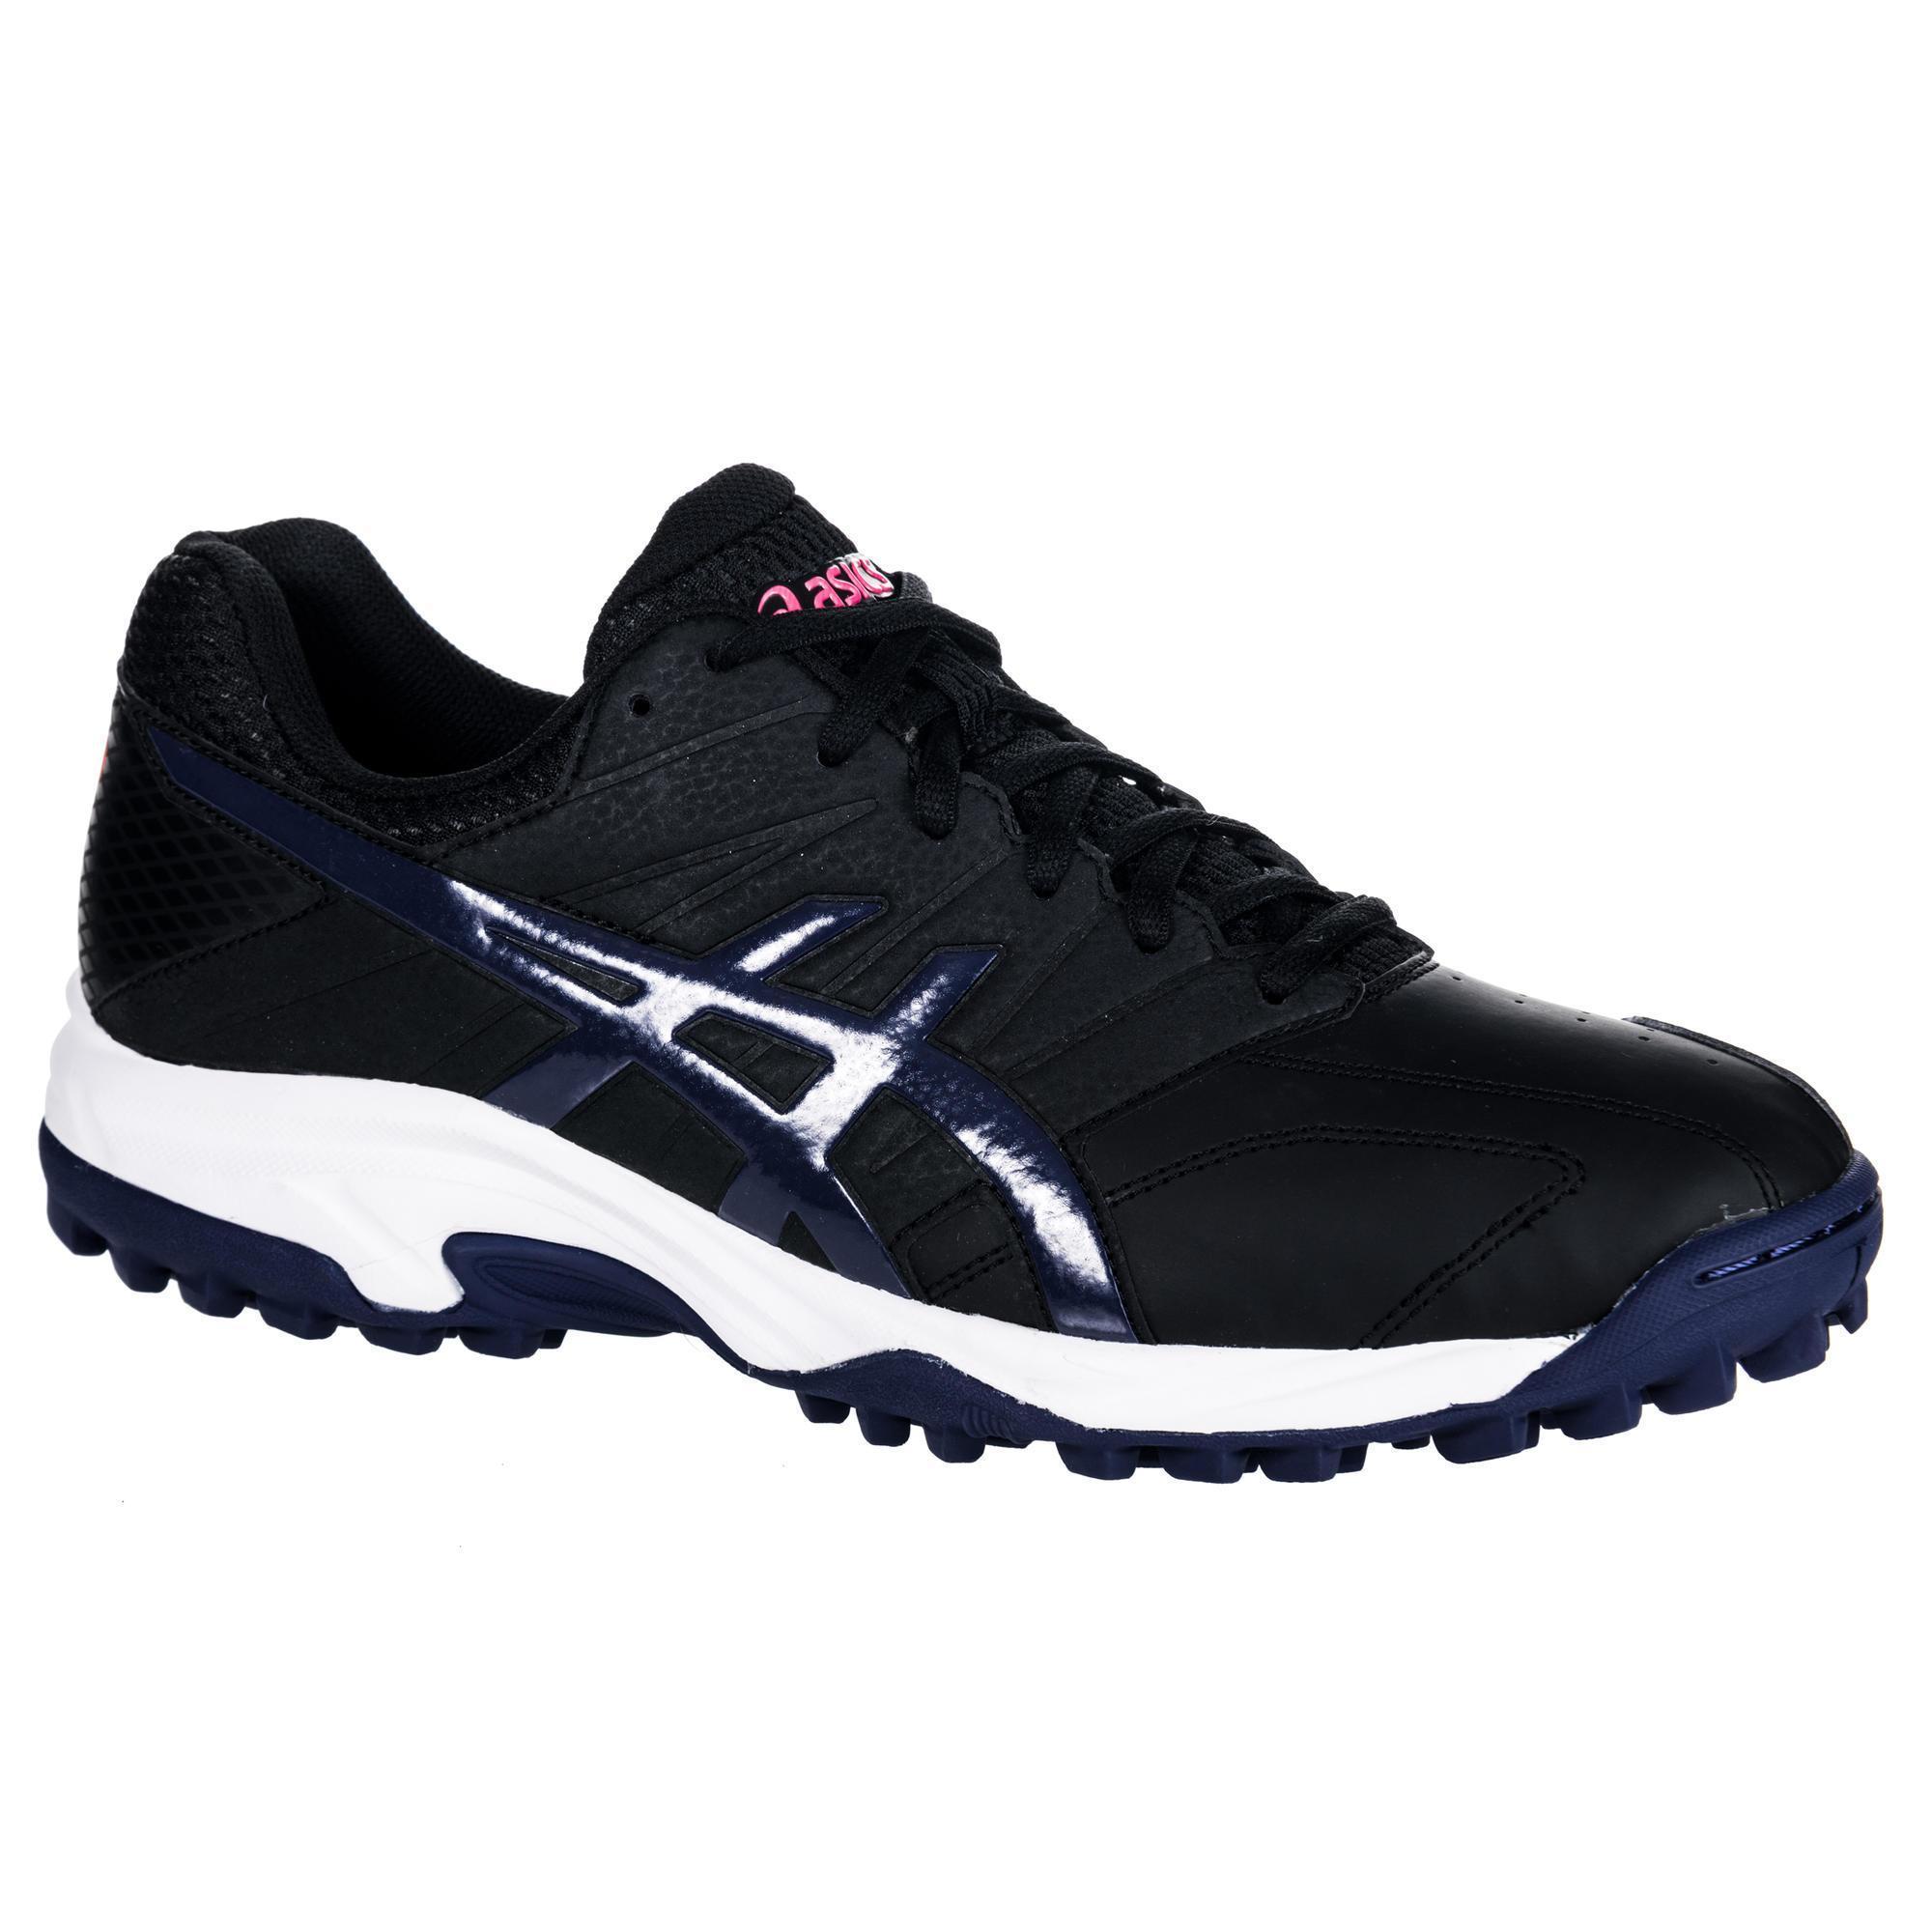 Asics Hockeyschoenen voor heren, gemiddelde intensiteit, Gel Lethal MP 7, zwart